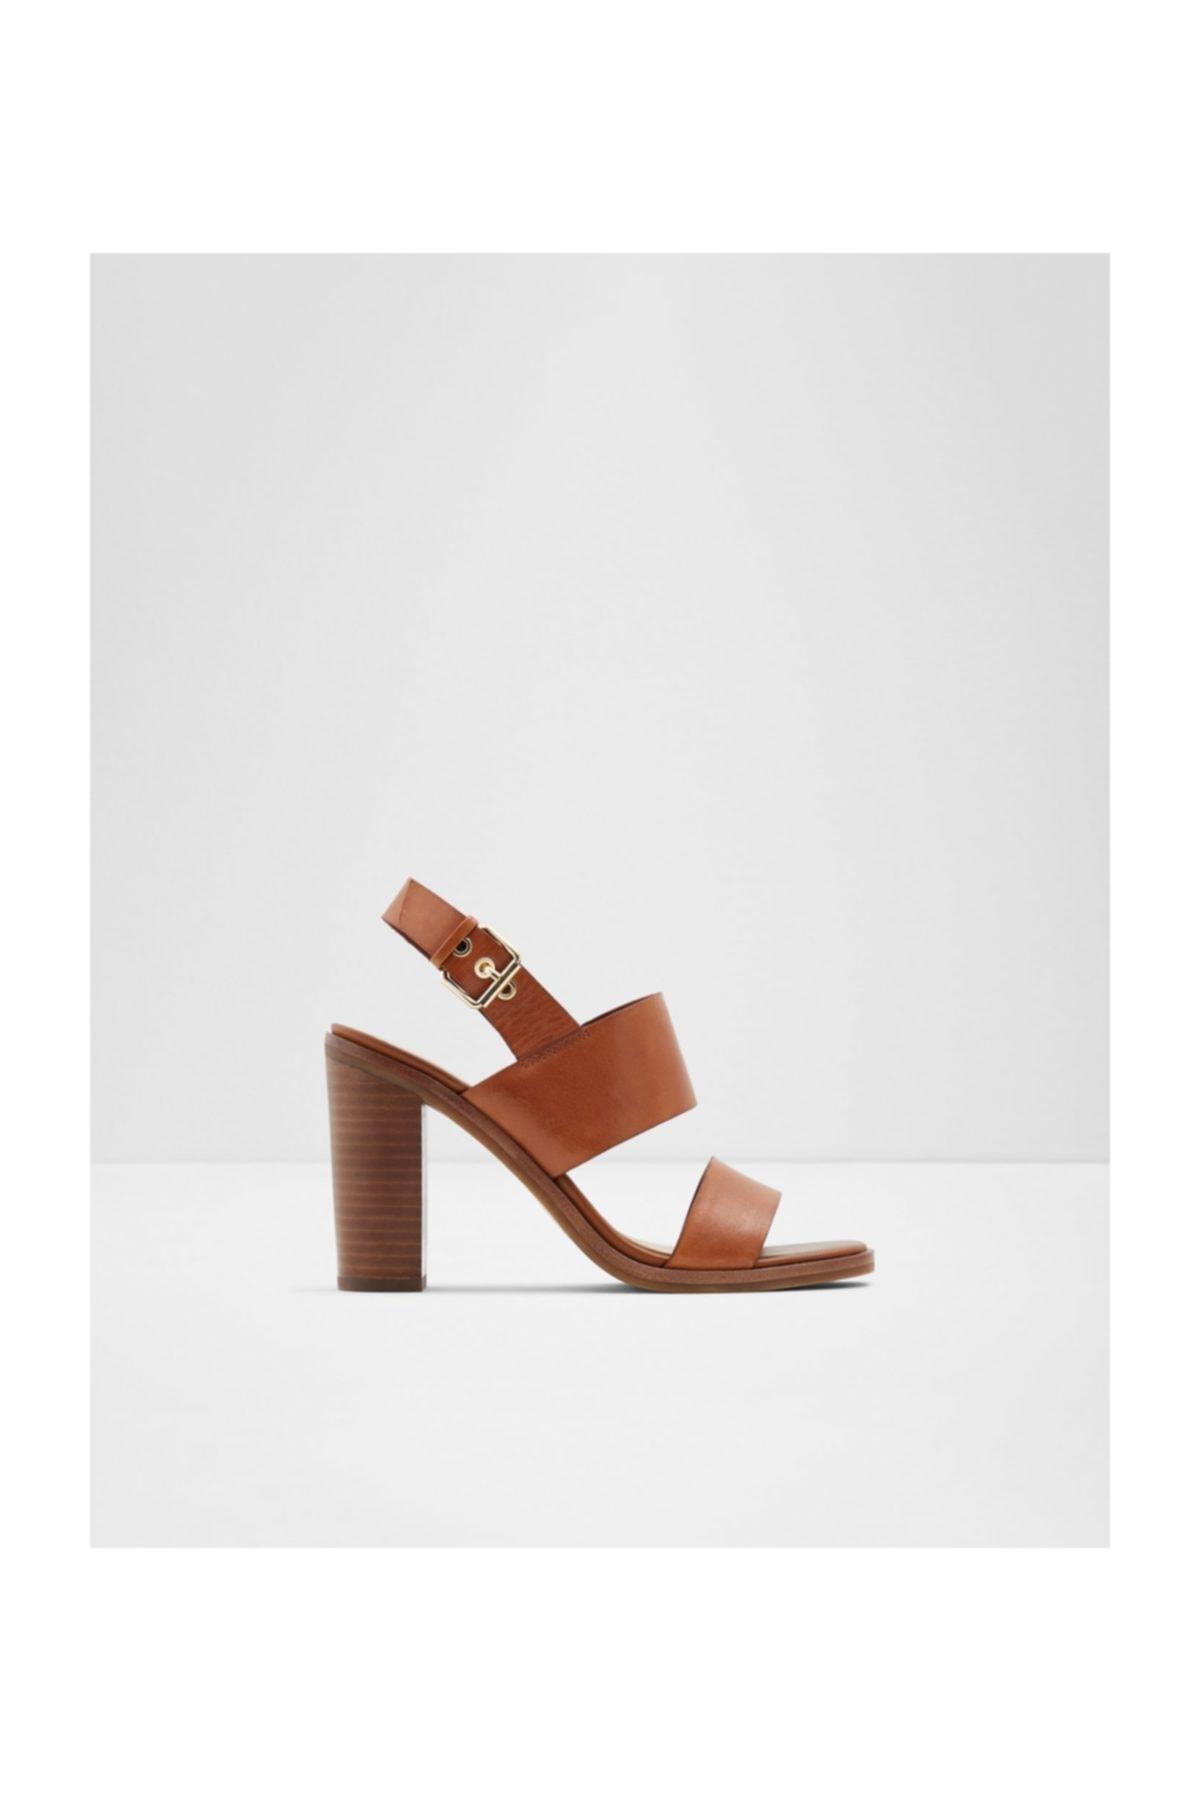 Aldo Kadın Taba Topuklu Sandalet 1